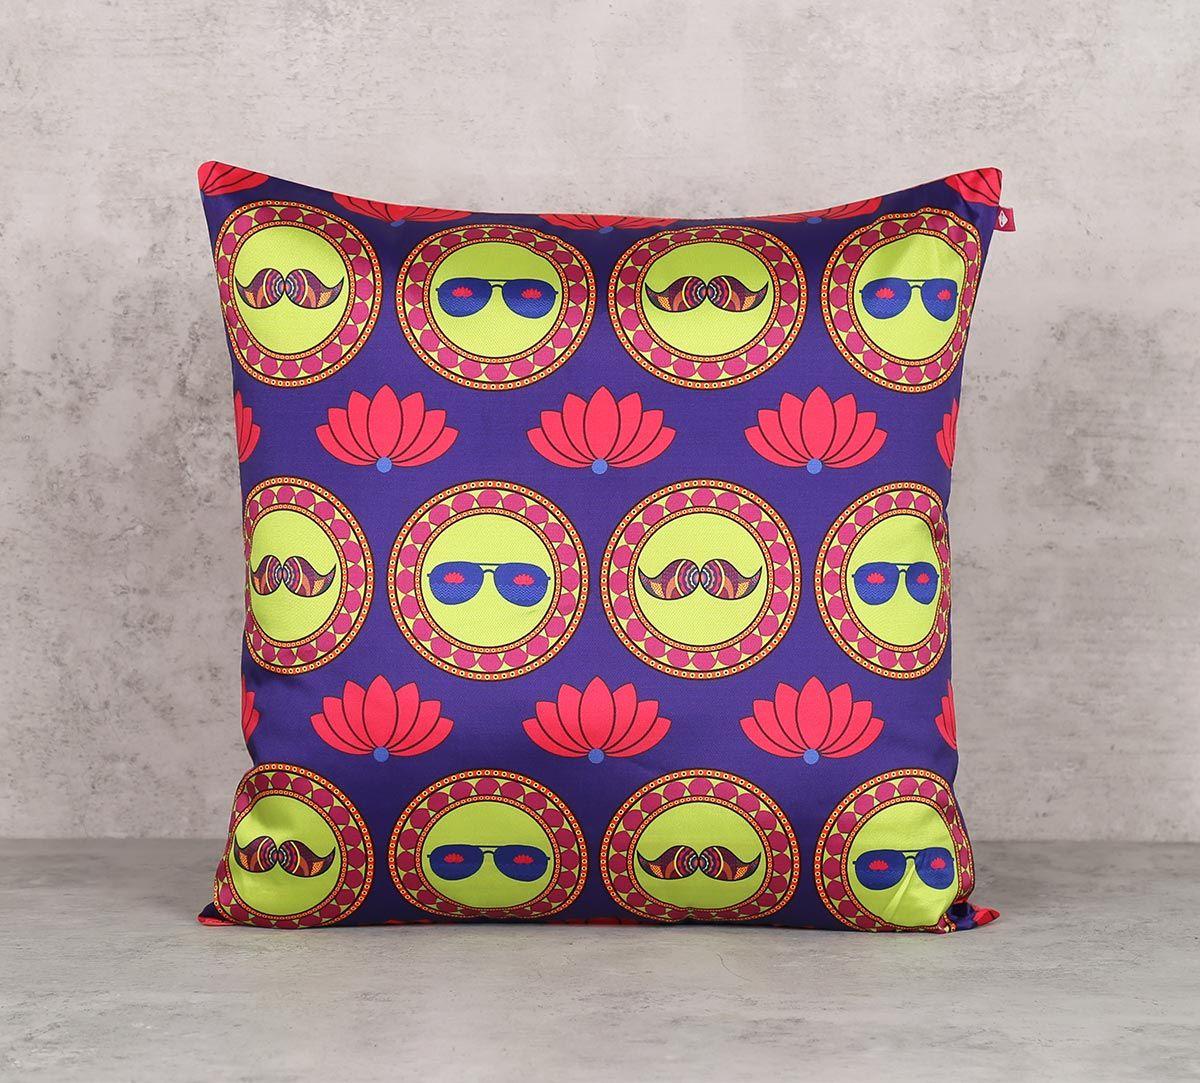 India Circus C'est La Vie Blend Taf Silk 16 x 16 Cushion Cover